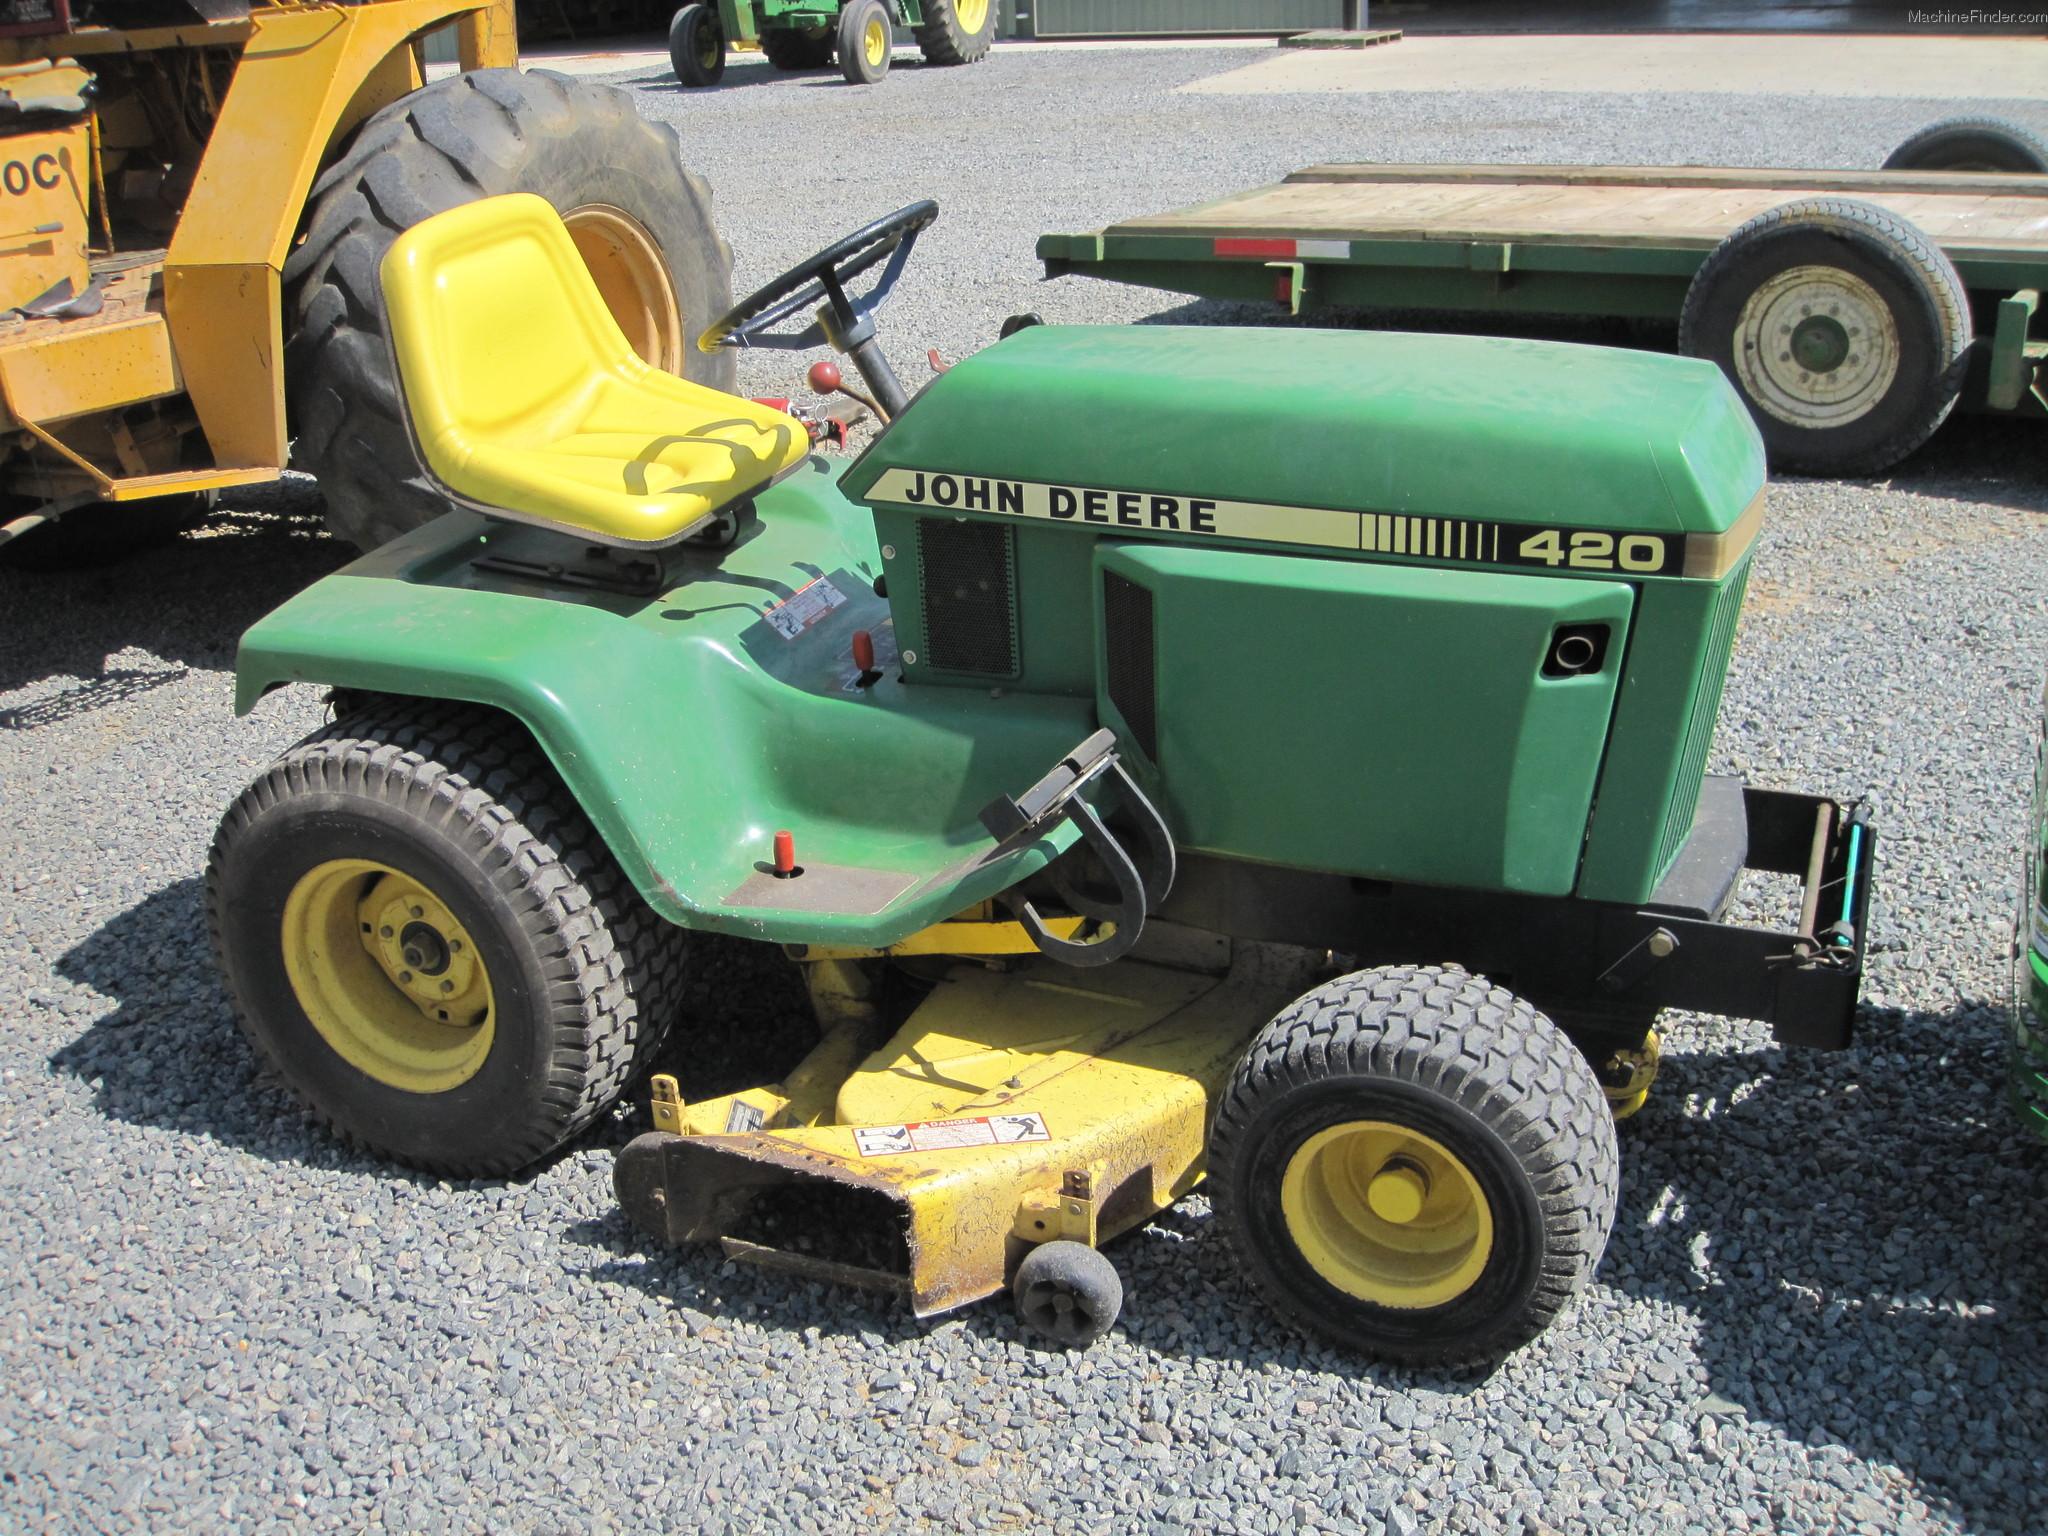 1992 John Deere 420 Lawn Garden And Commercial Mowing John Deere Machinefinder